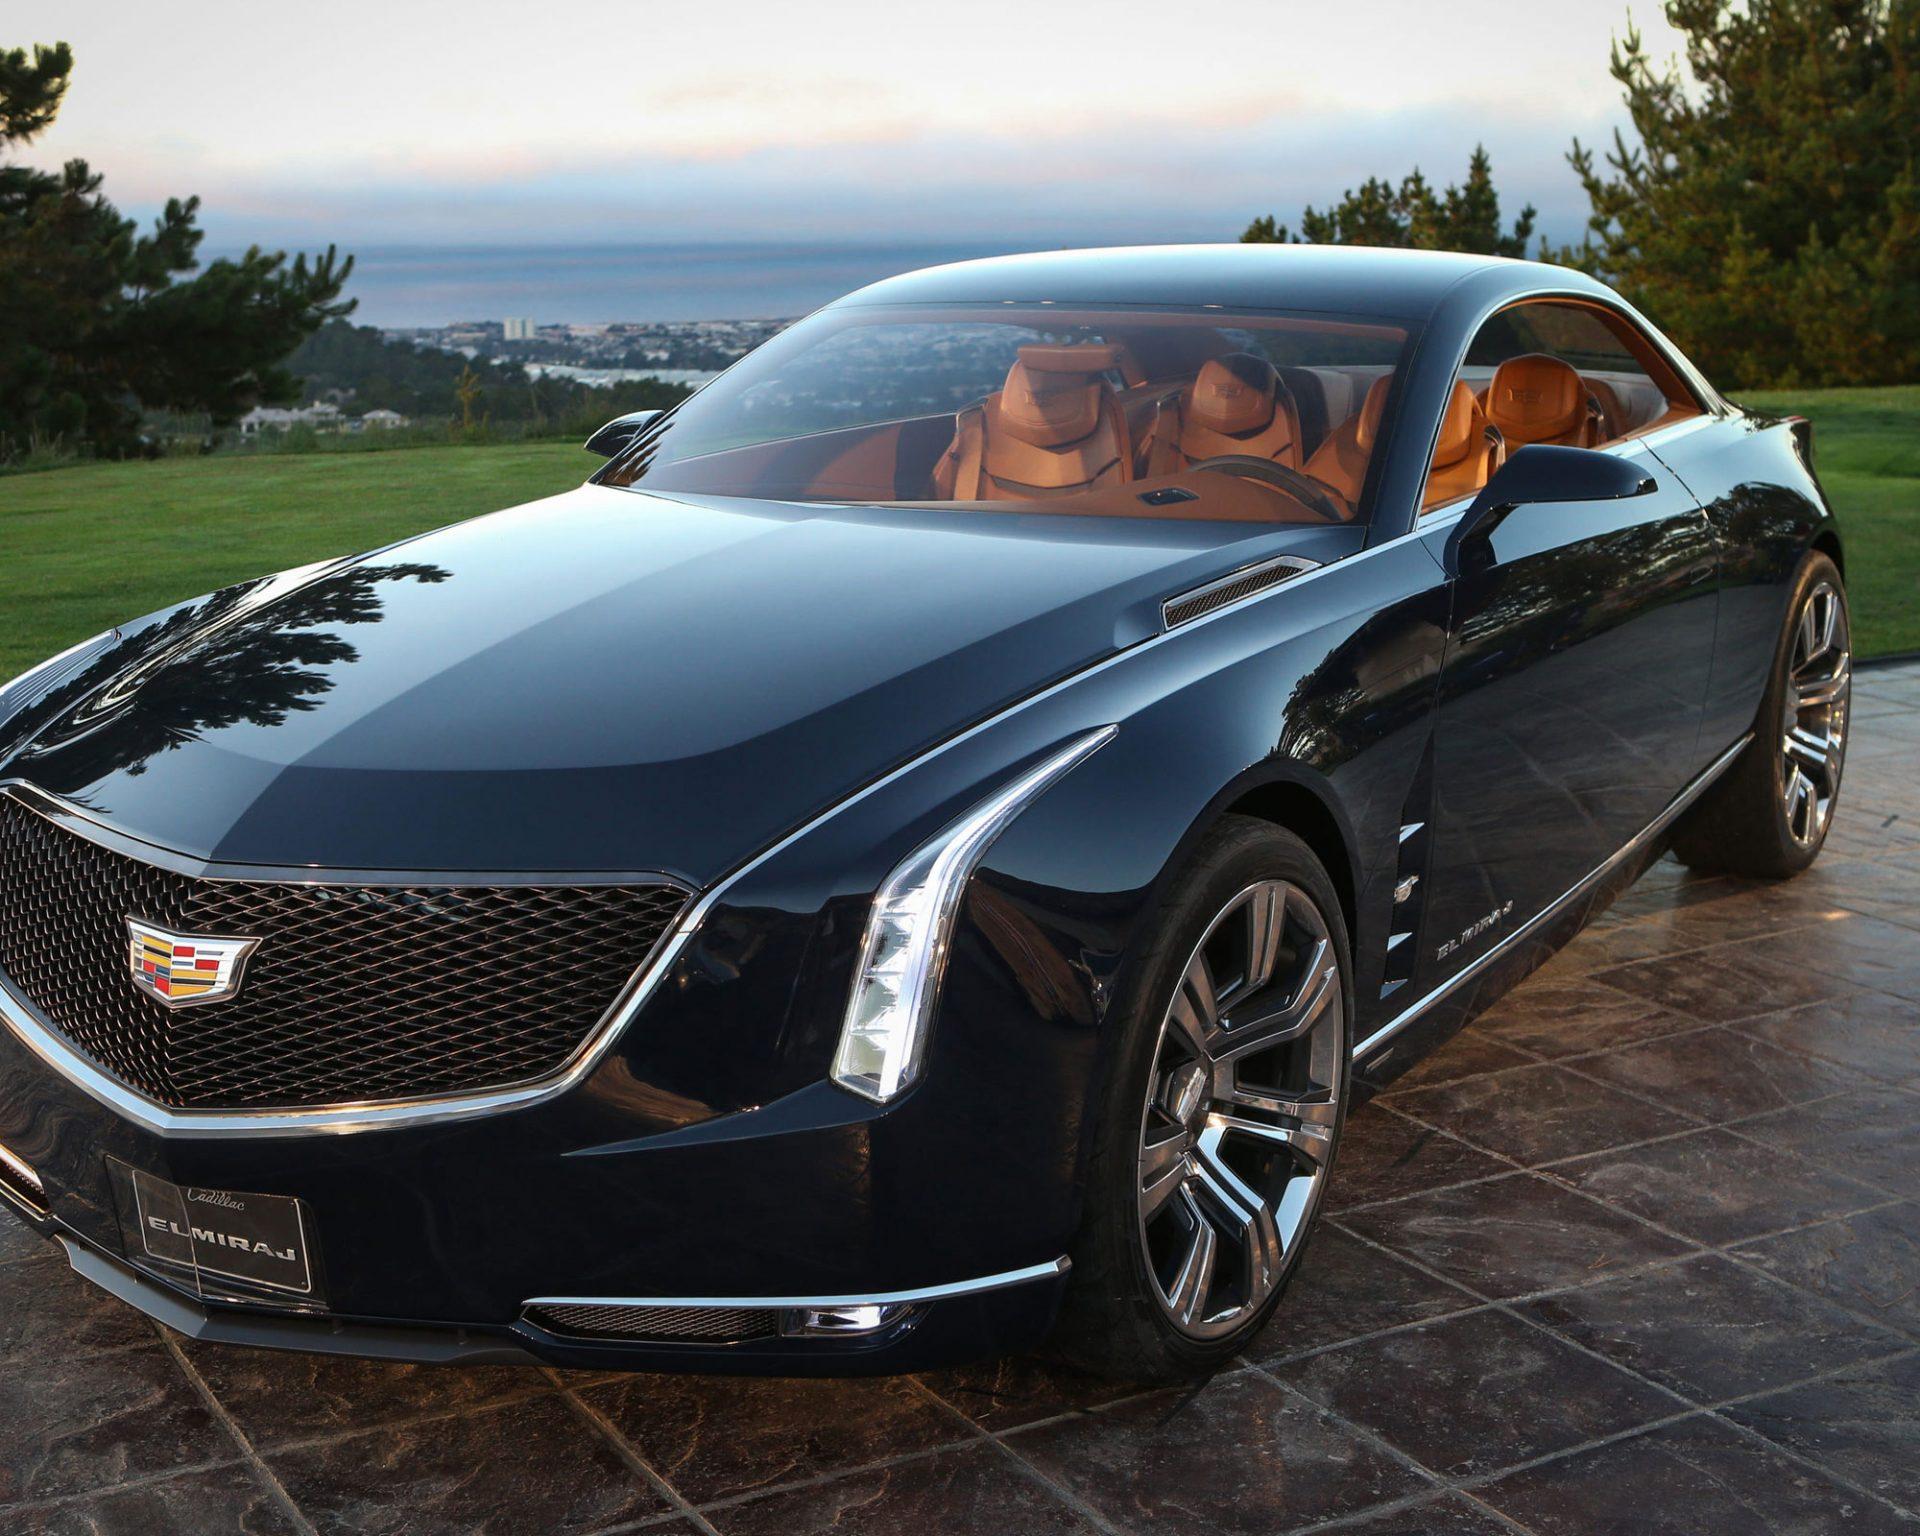 Cadillac Elmiraj Concept 2013 02 (Black) HD Wallpaper